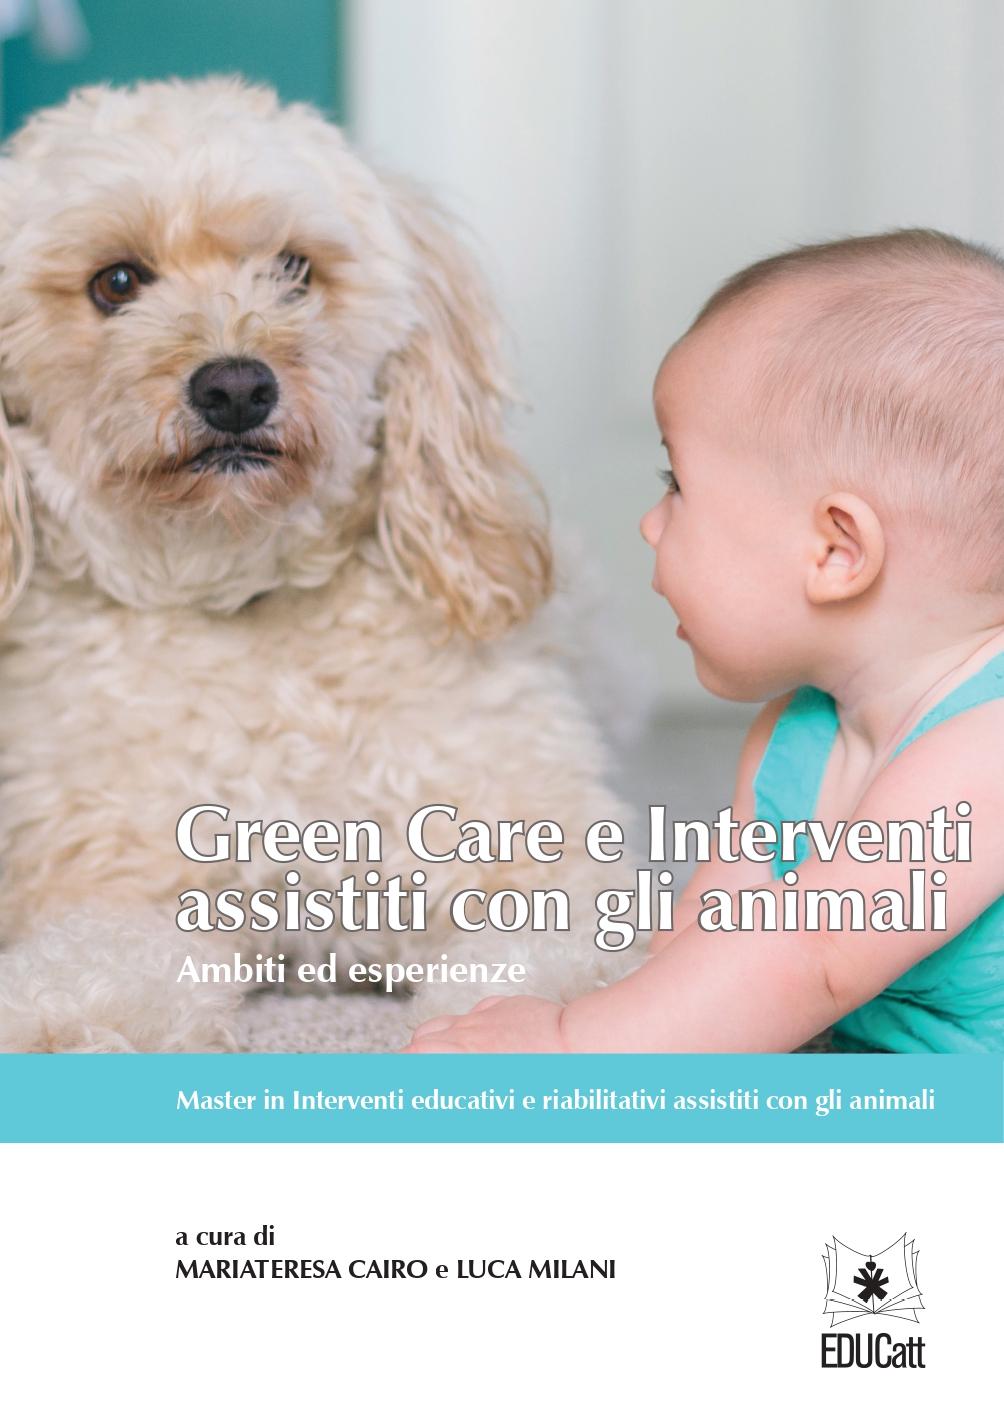 GREEN CARE E INTERVENTI ASSISTITI CON GLI ANIMALI